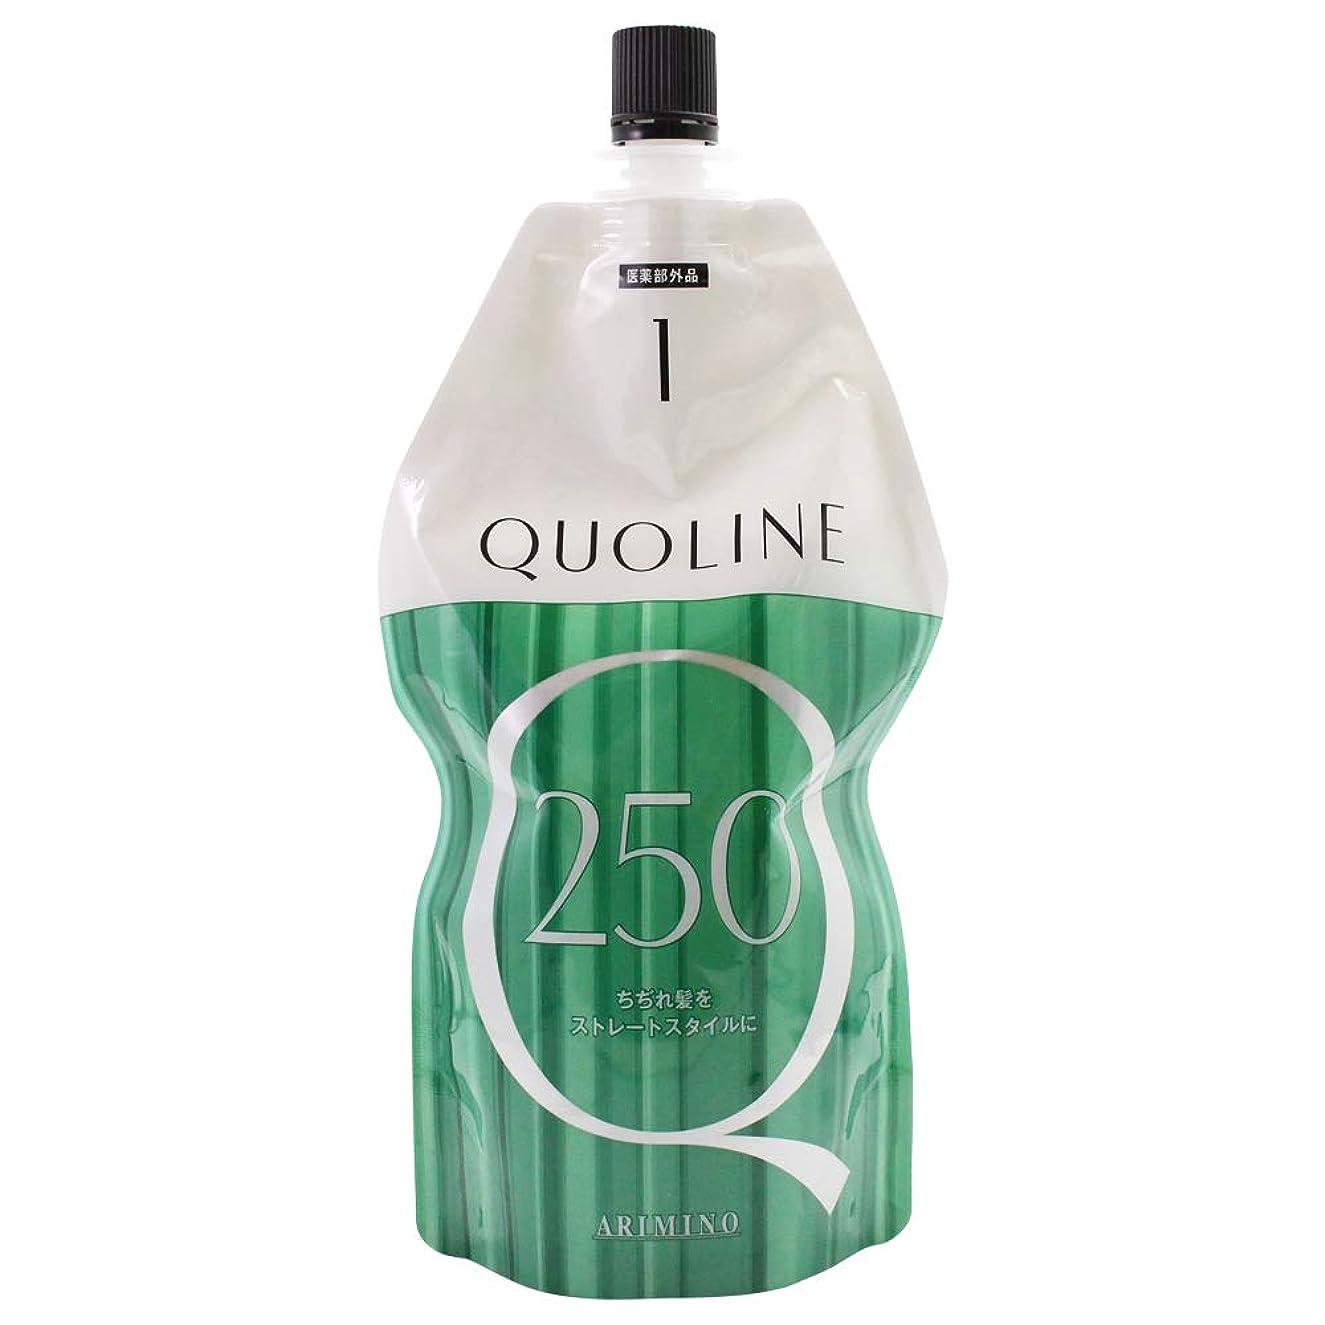 すごい礼儀デコレーションアリミノ クオライン T-C 250 1剤 400g